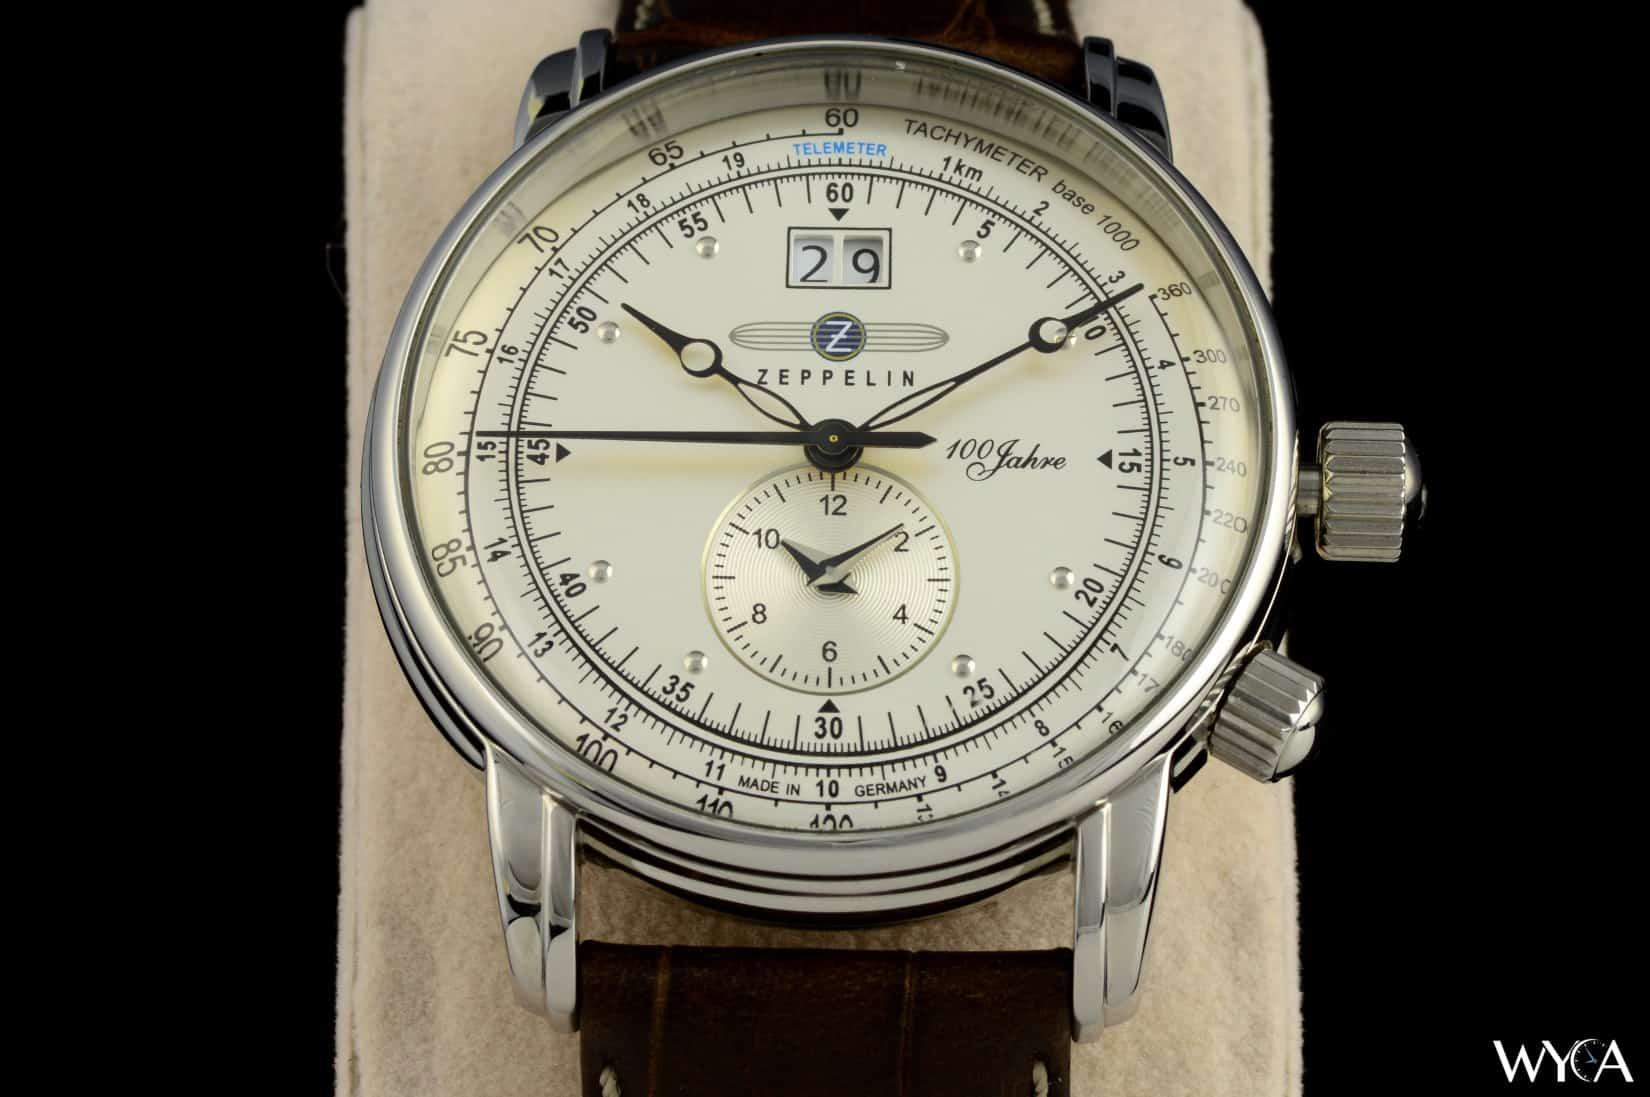 ddbf6022451 Graf Zeppelin Dual Time